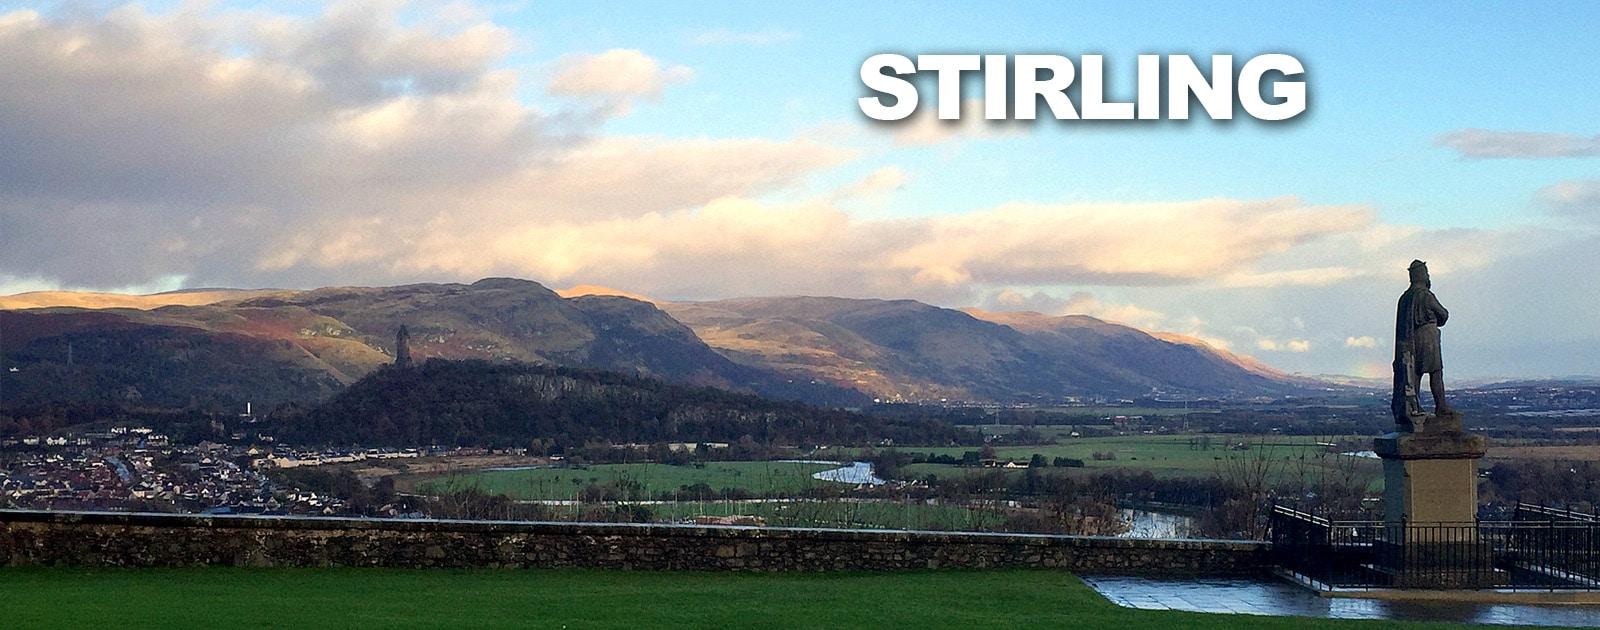 Car Batteries Stirling | Car battery Stirling | Cheap Car Battery Stirling | Car Battery Supplier Stirling Scotland UK